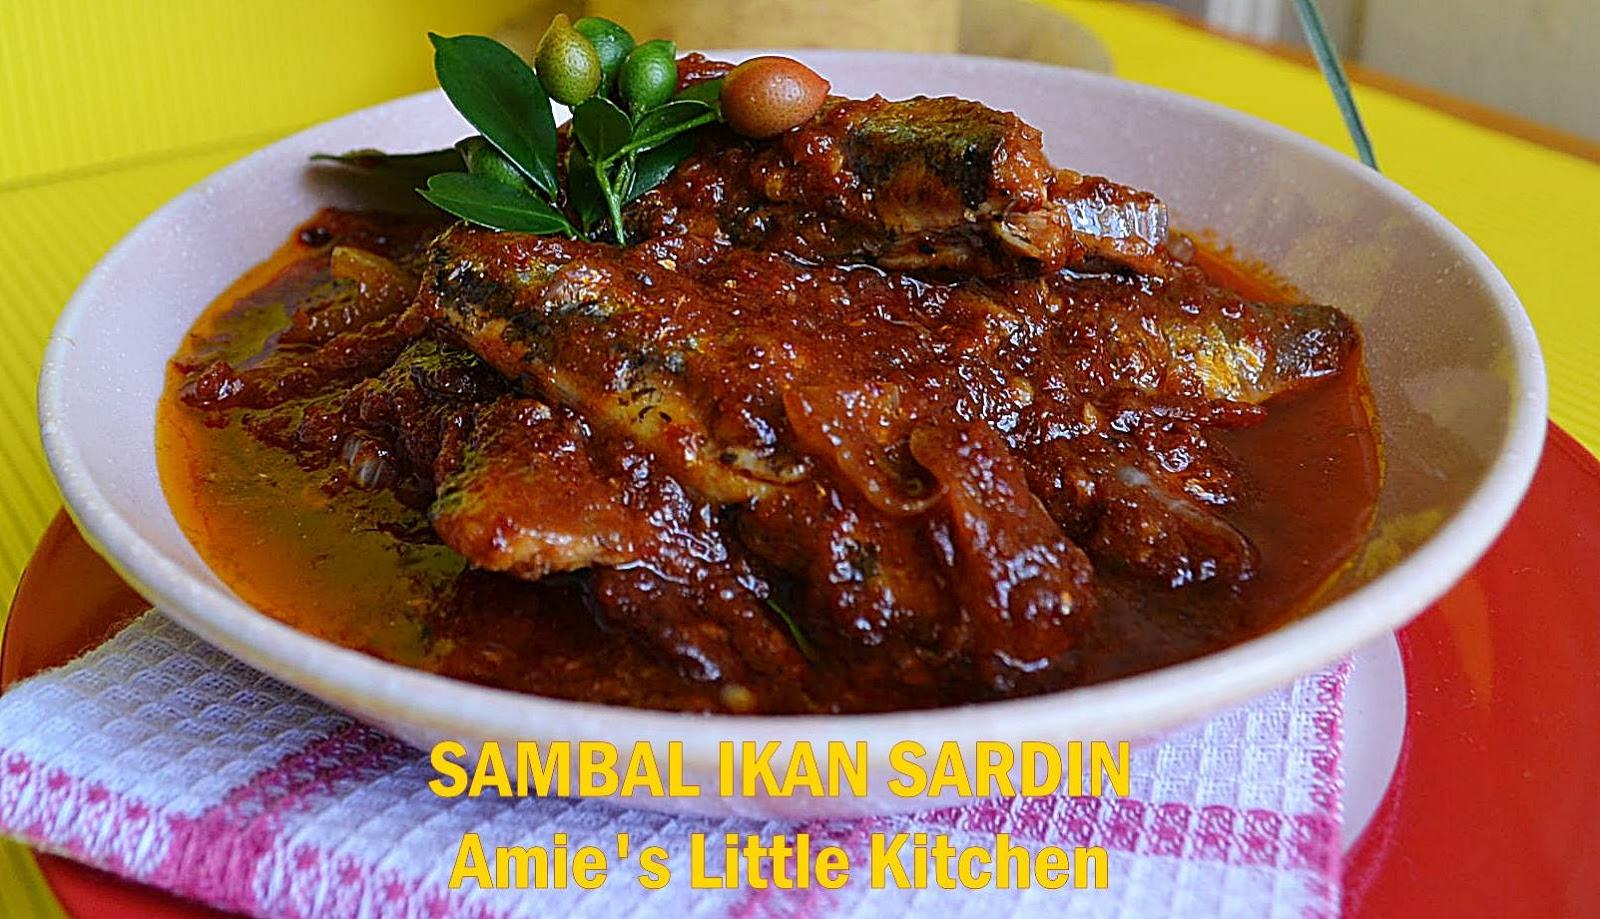 AMIE'S LITTLE KITCHEN: Sambal Ikan Sardin